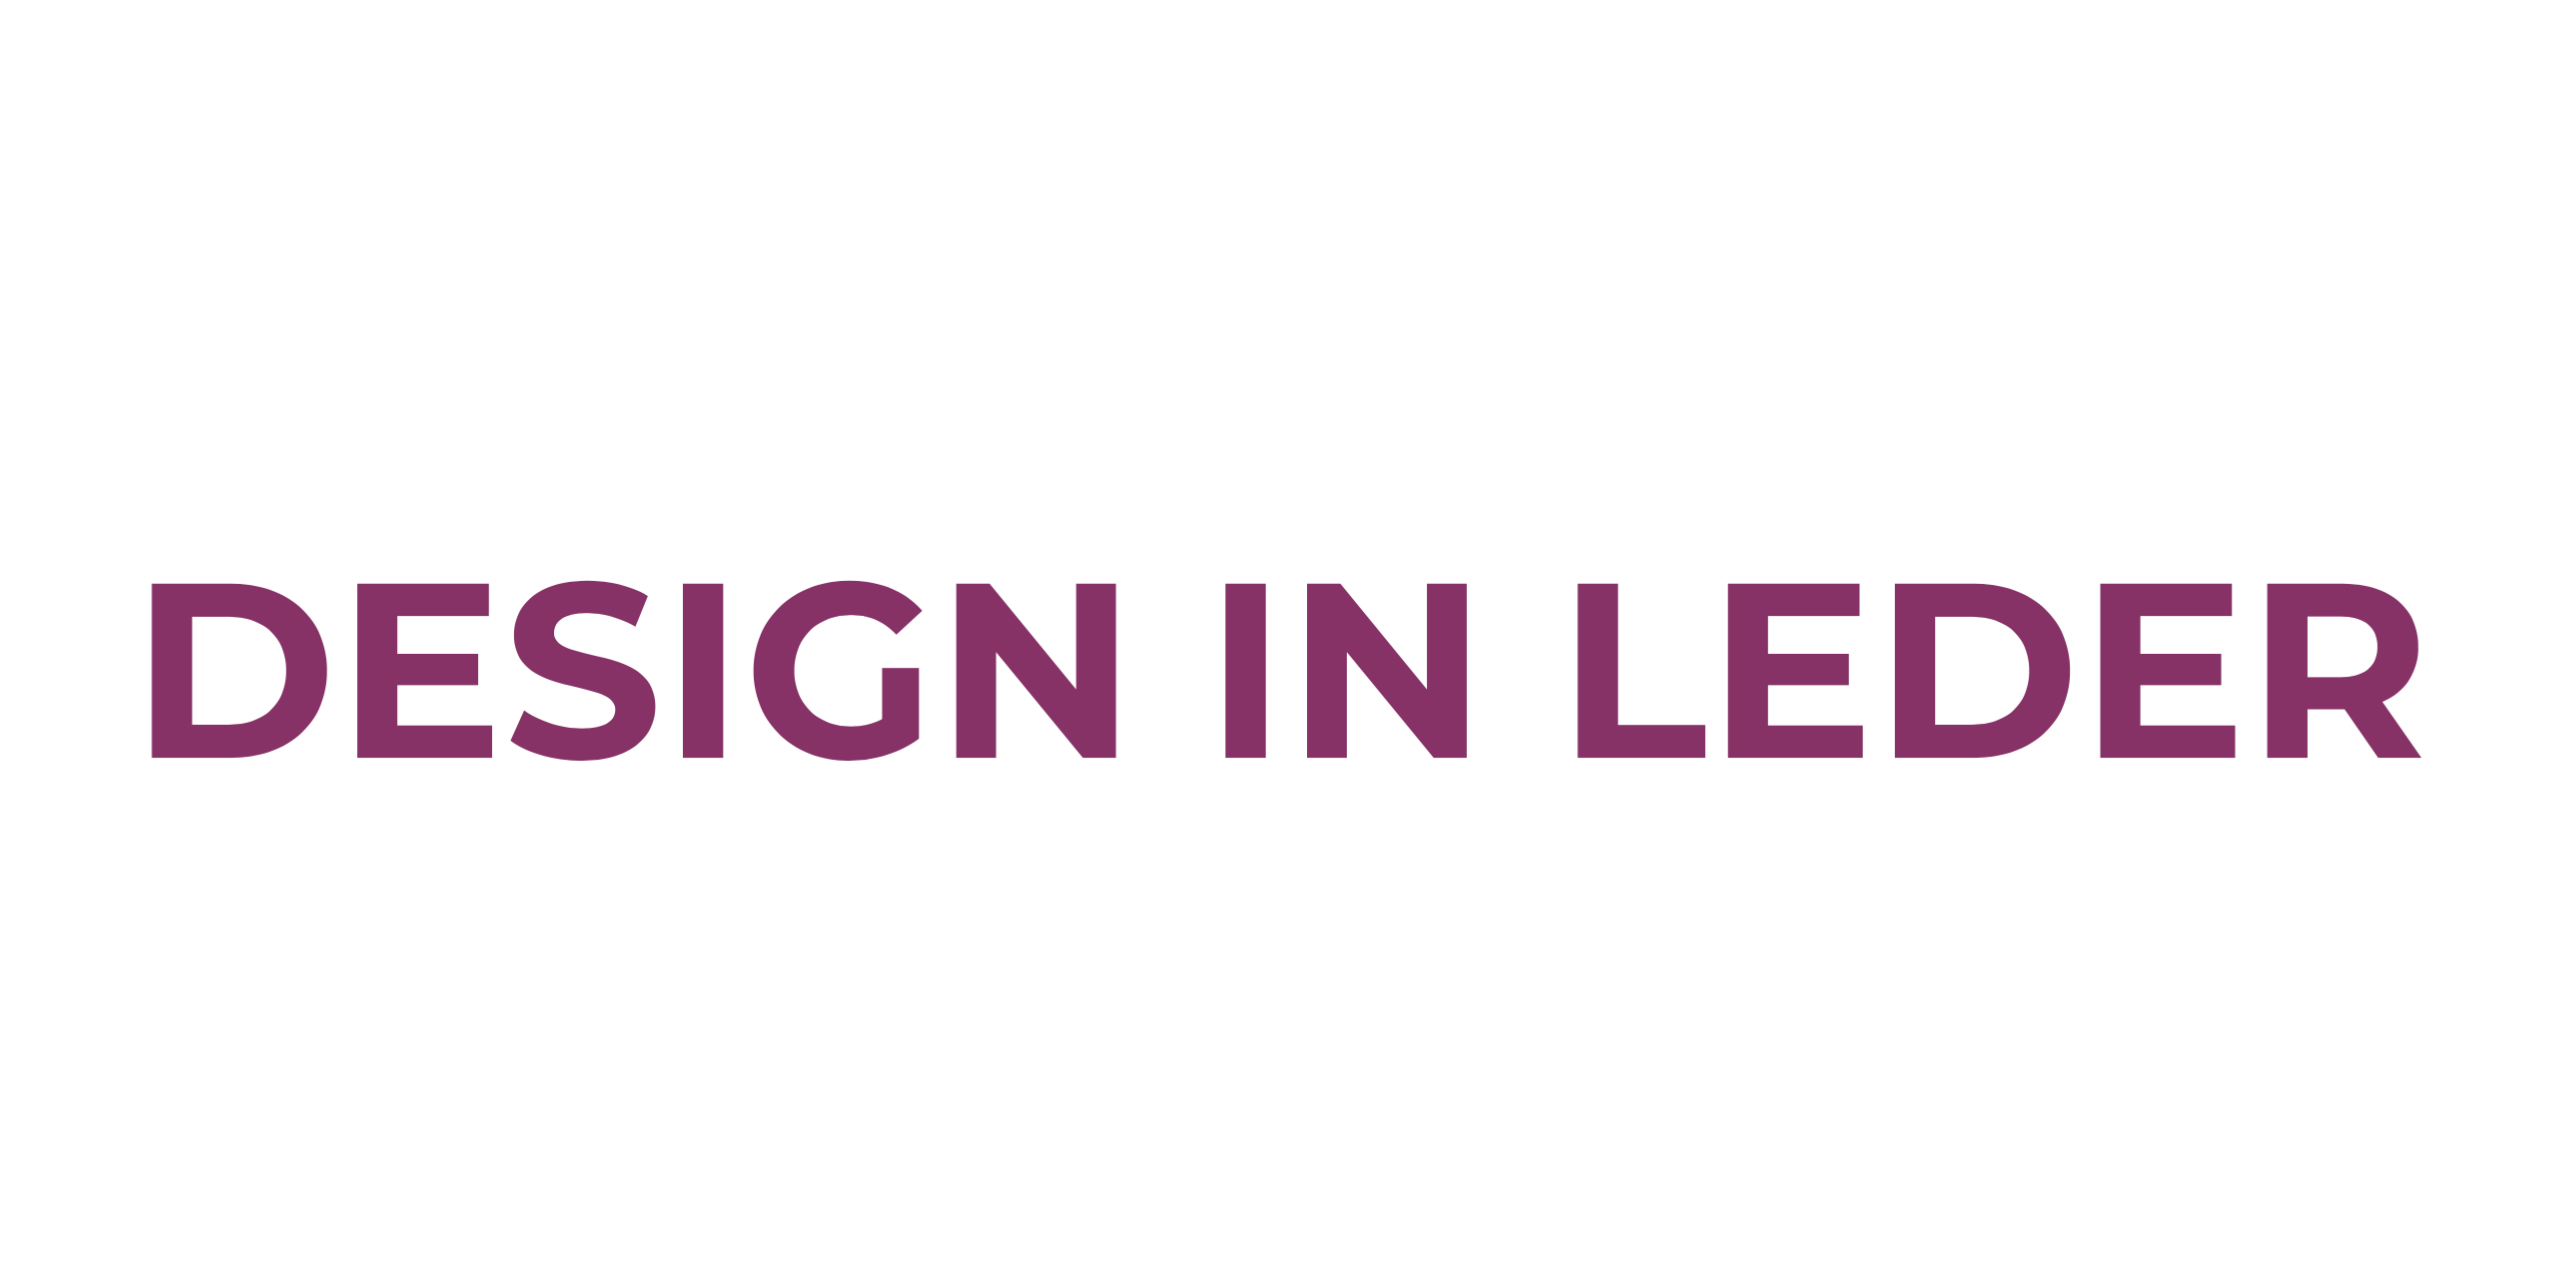 Design in Leder